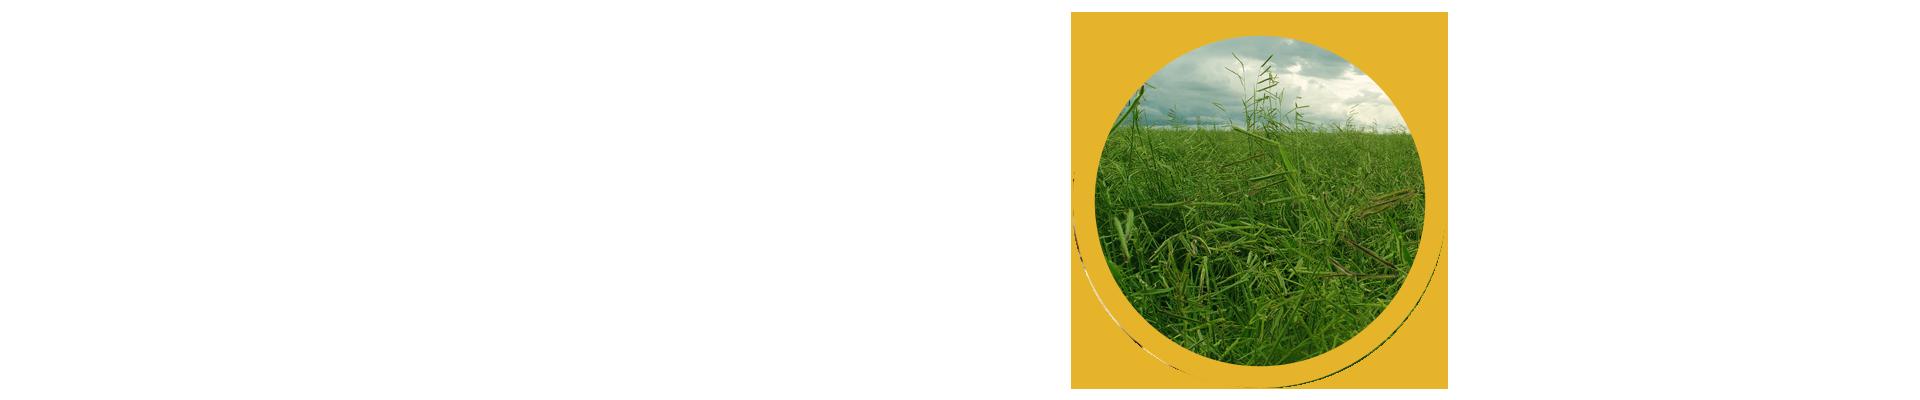 Mineirão Sementes para Pastagem está expandindo suas produções para melhor atender as demandas do agronegócio do Brasil! Além disso, somos referência no mercado de forrageiras, tanto no Brasil, quanto no exterior, pela alta qualidade de nossas sementes, o que se deve ao trabalho focado na produção de alto vigor.